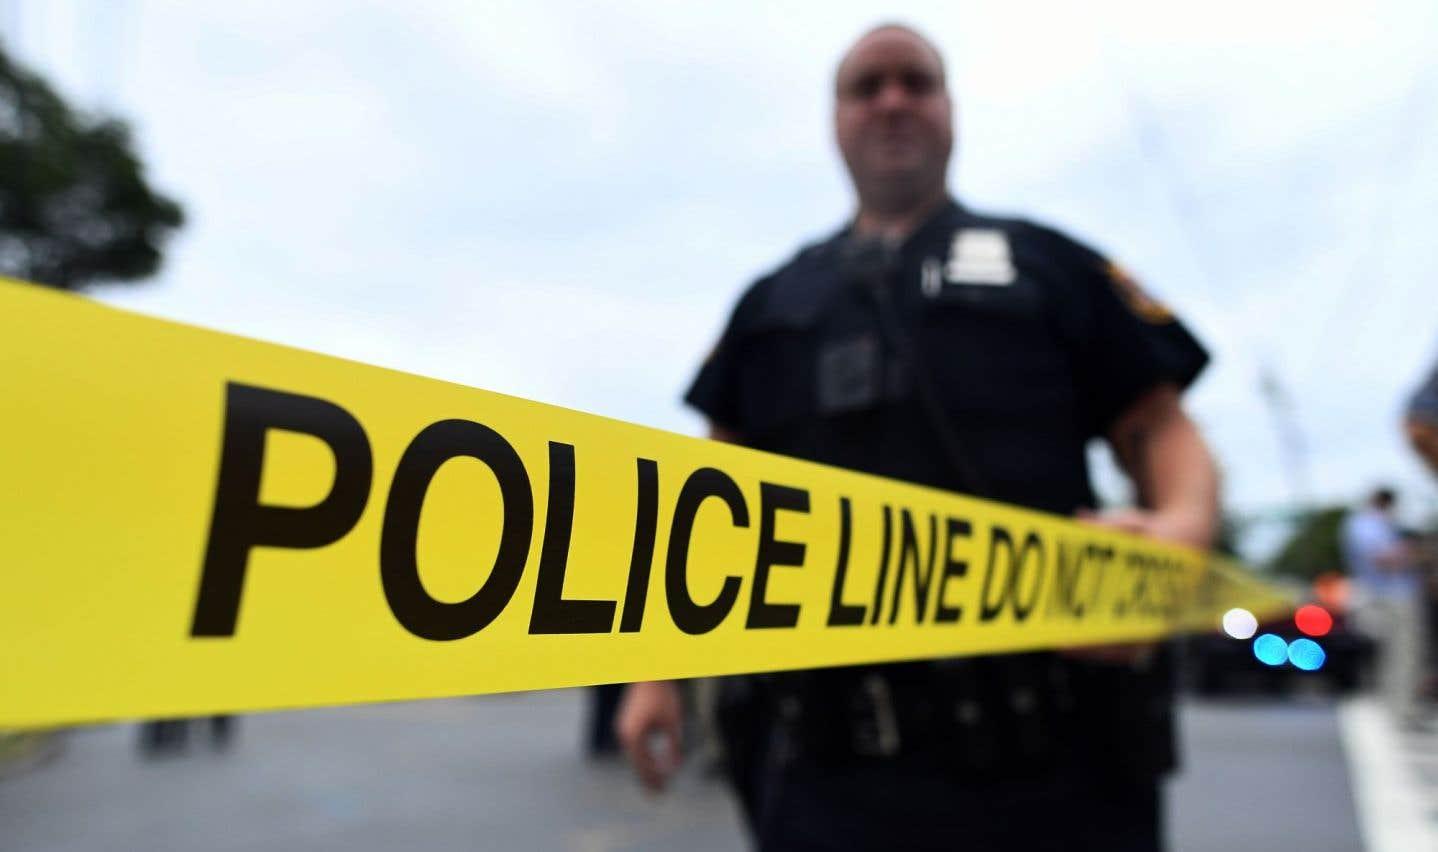 La police n'a pas donné d'autres précisions sur les circonstances de la fusillade ou les mobiles du tireur.